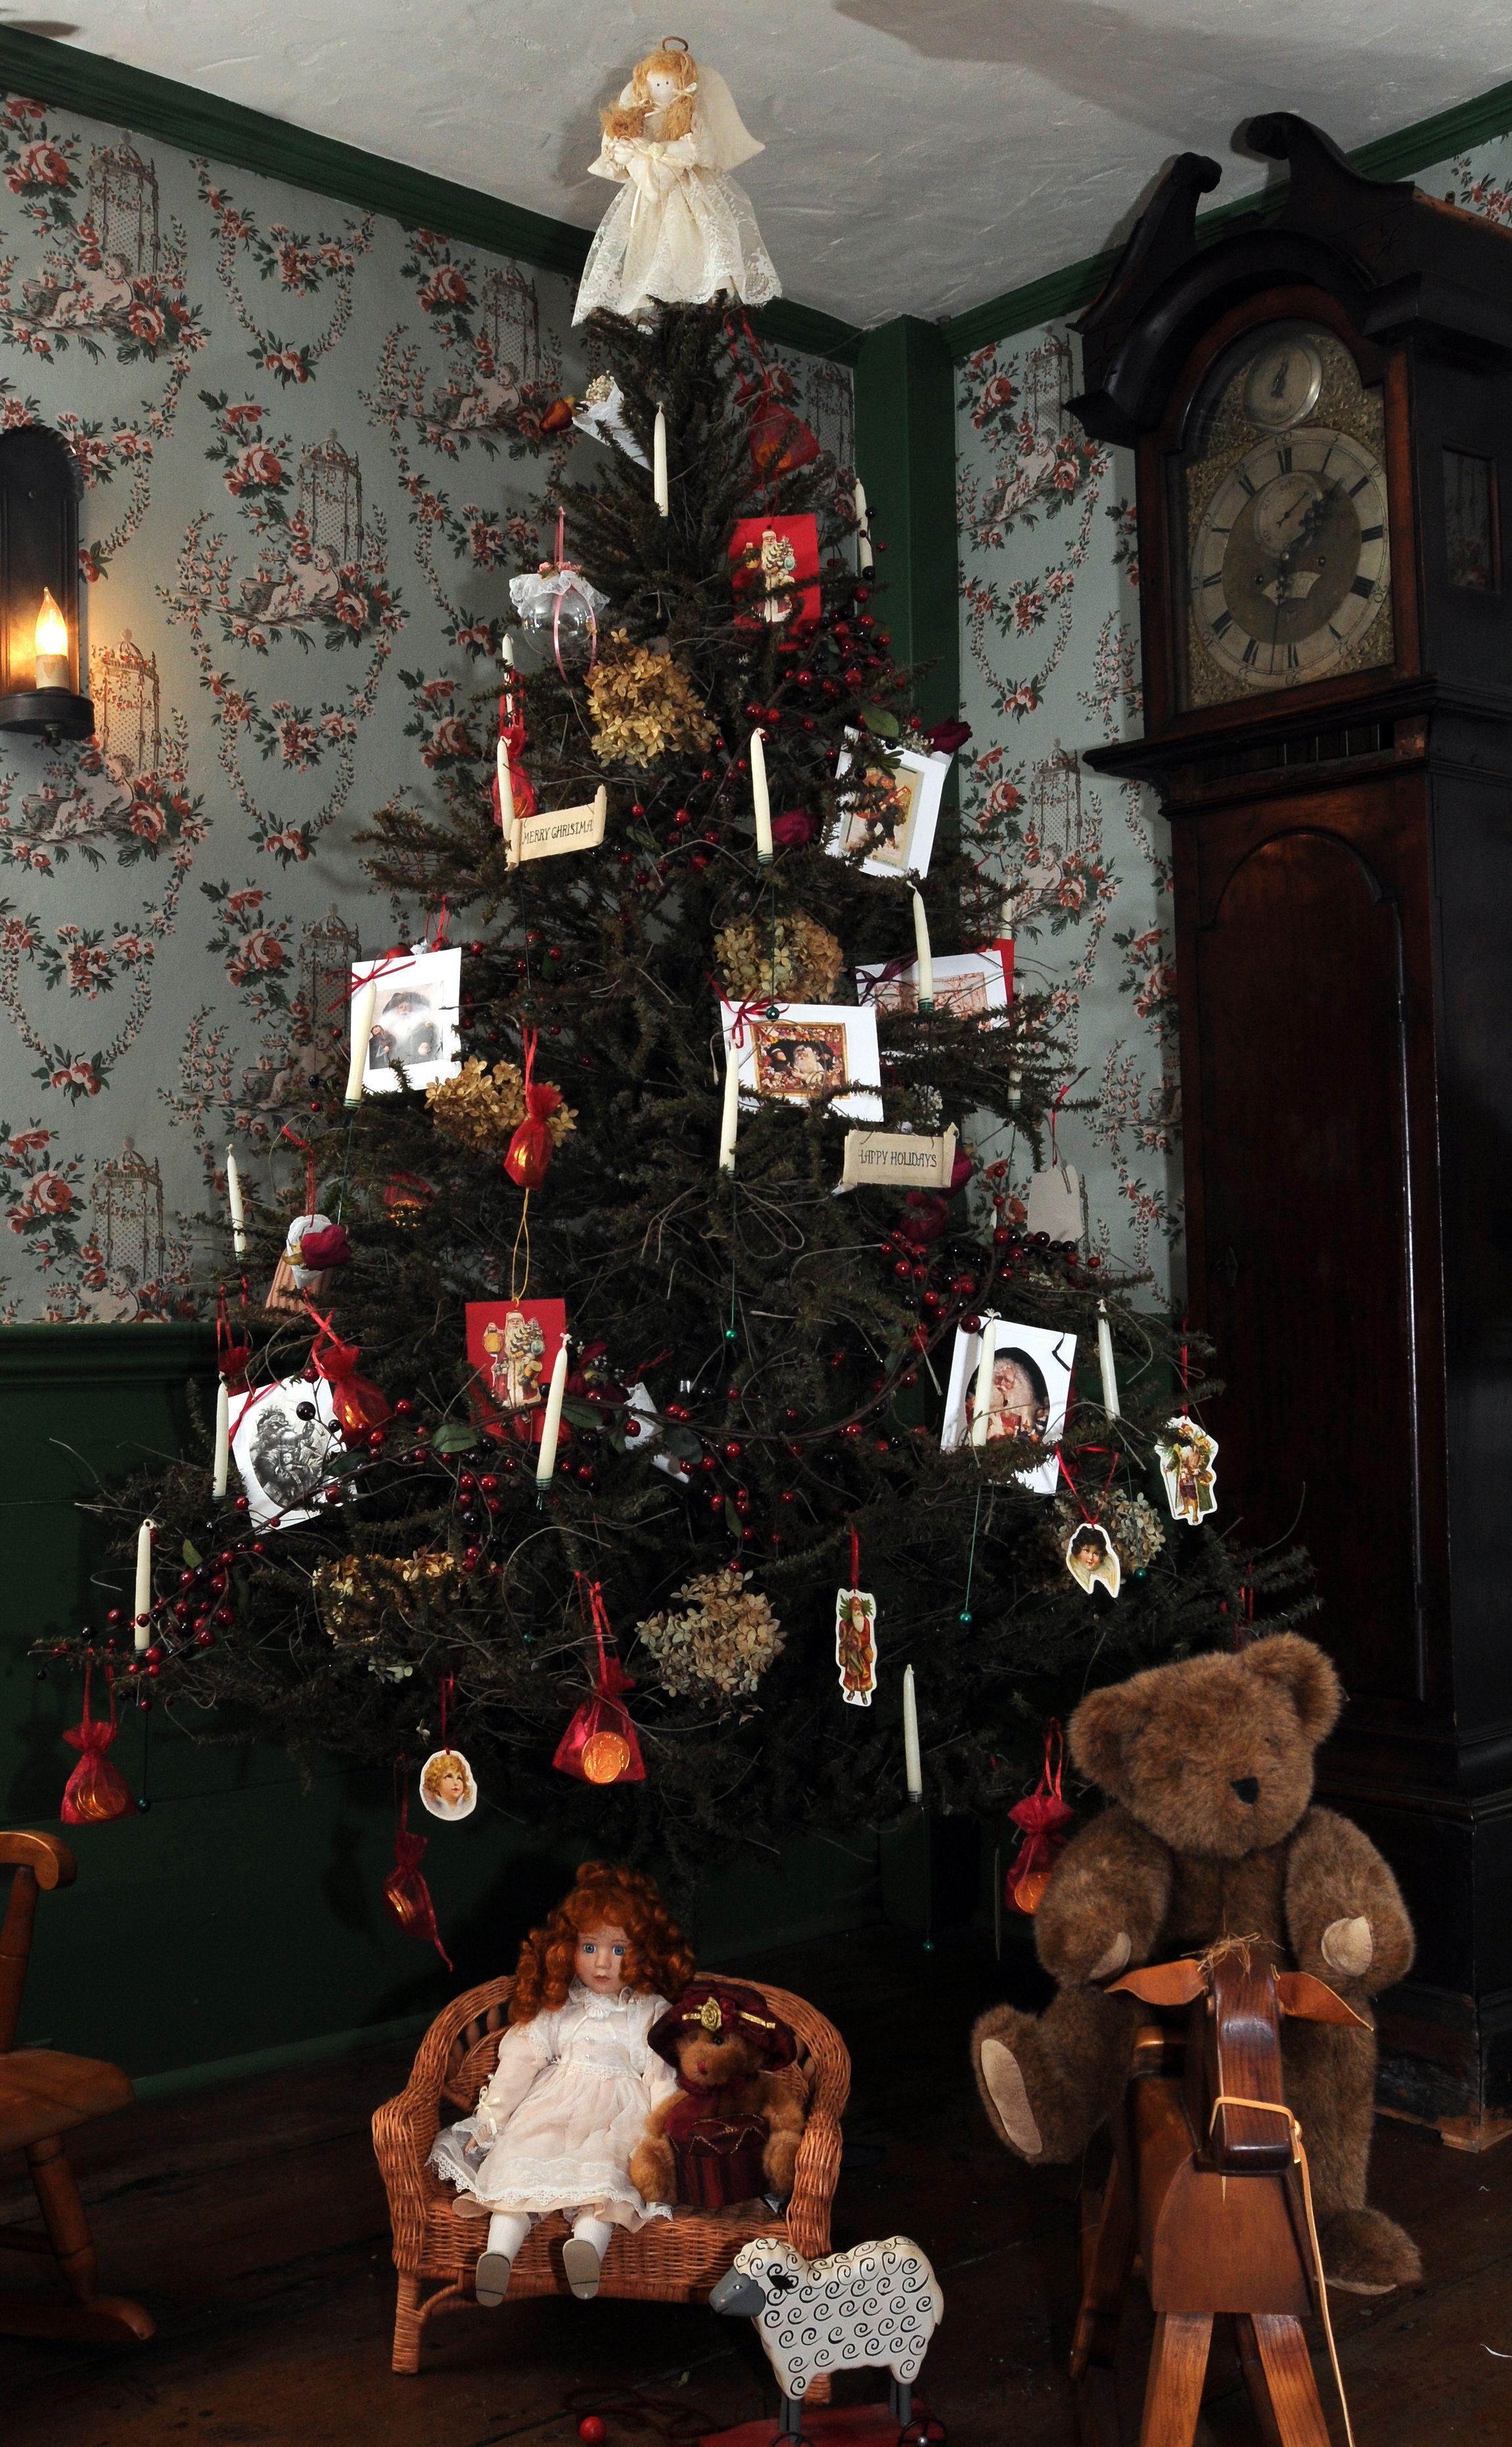 Yuletide At Storrowton Yuletide Holiday Decor Holiday Inspiration